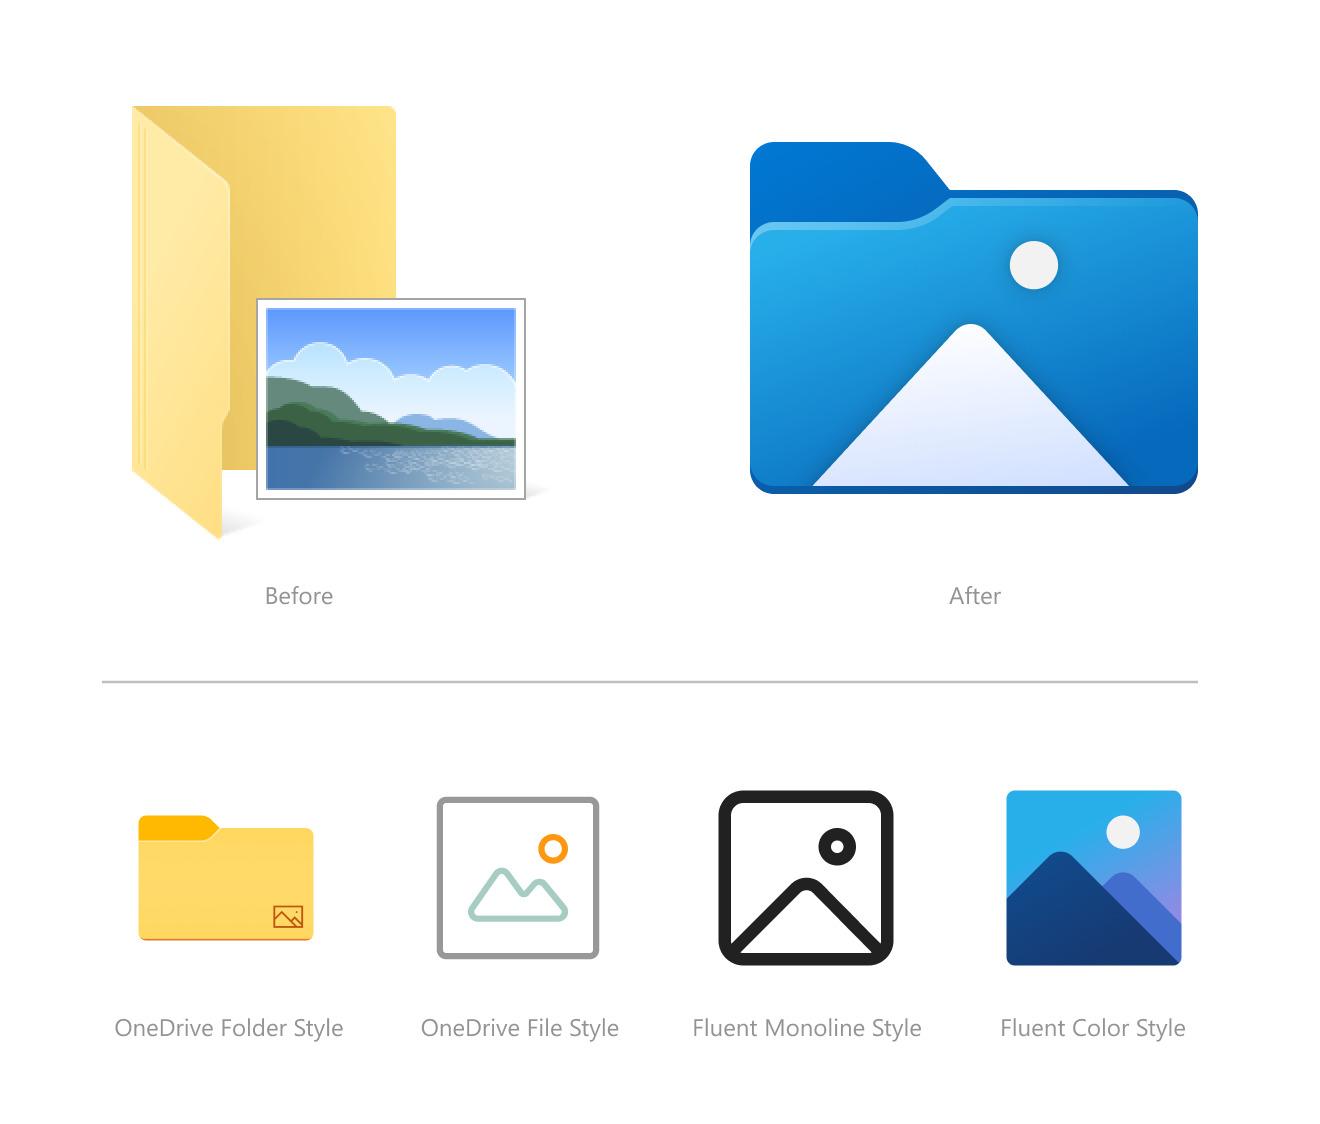 Icônes rénovés dans Windows 10